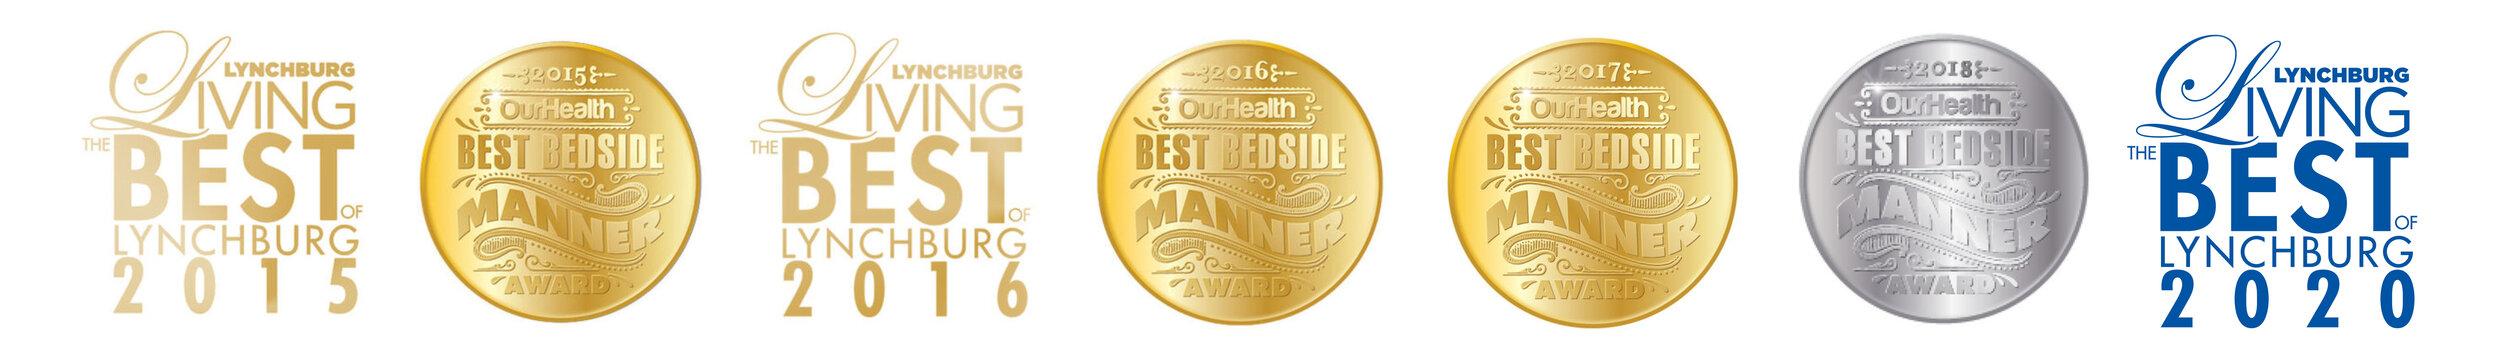 website accolades2.jpg